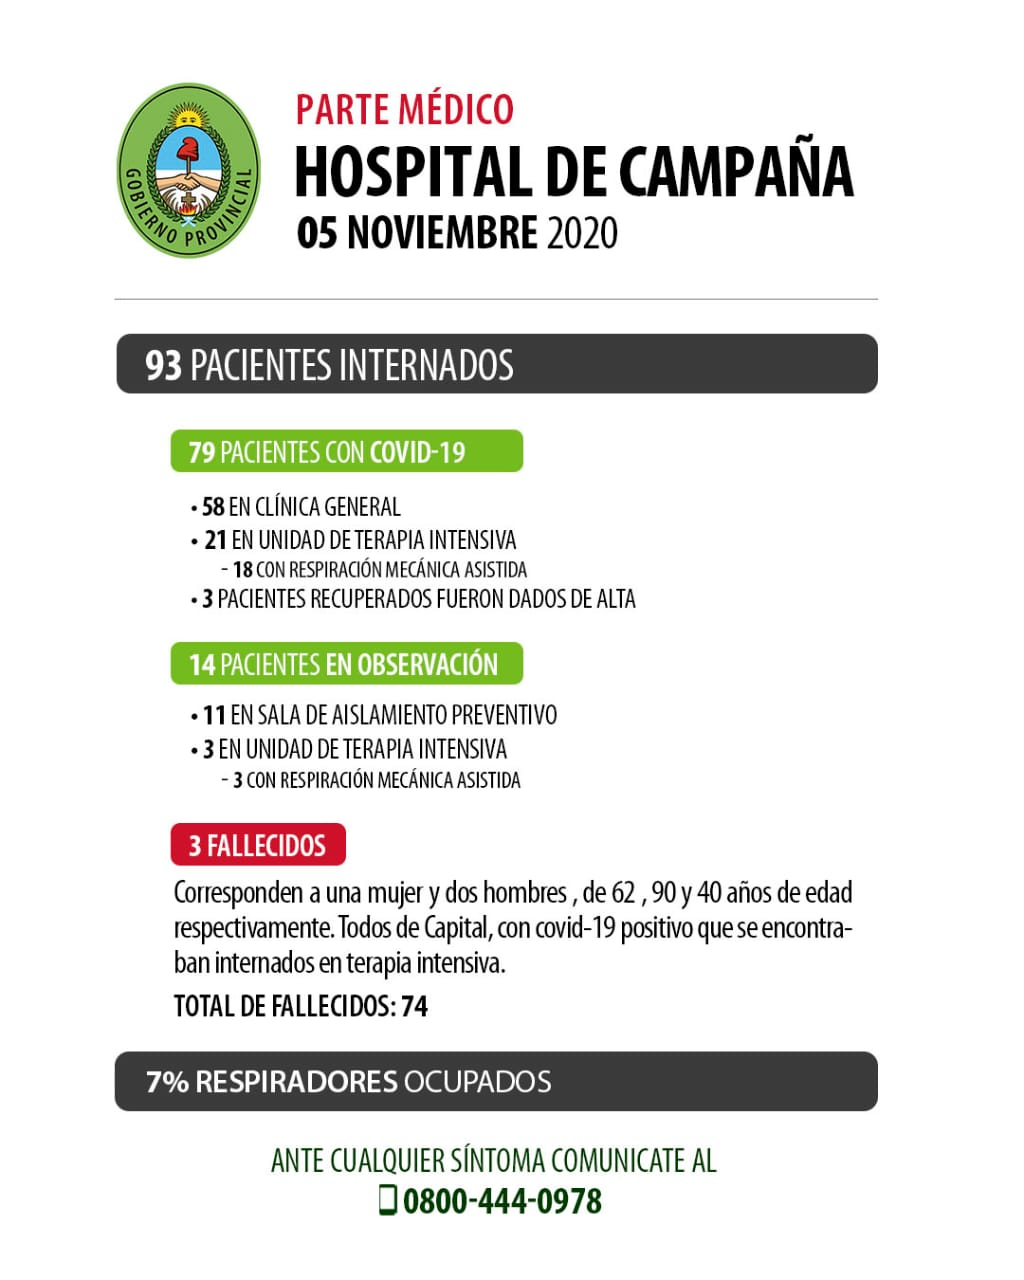 Corrientes: Se produjo el fallecimiento de tres personas con diagnóstico de Covid-19